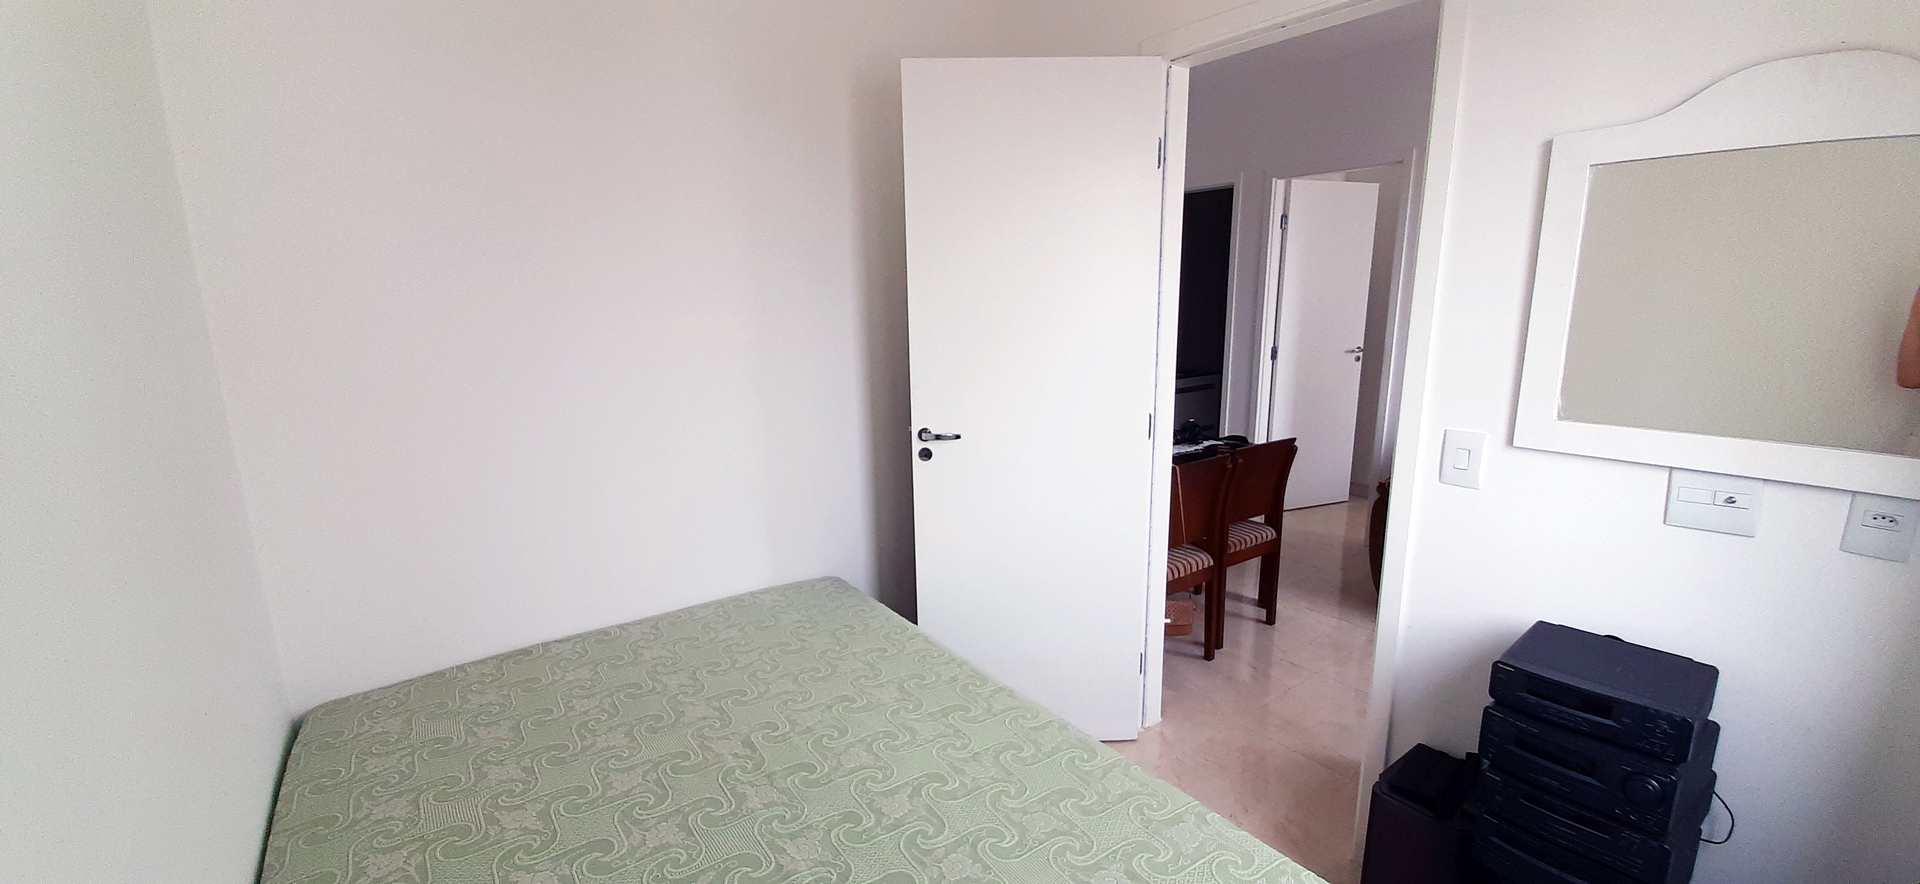 Quarto 2 (sem armário)